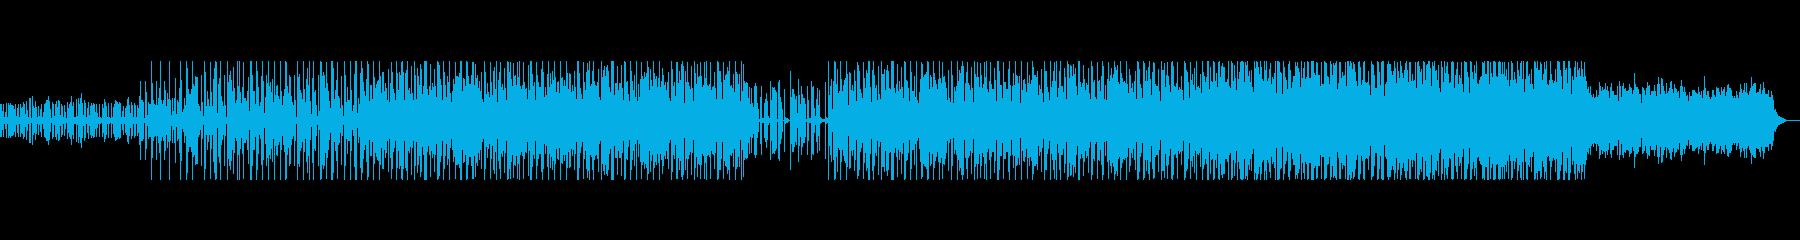 淡々としたヒップホップビートの再生済みの波形